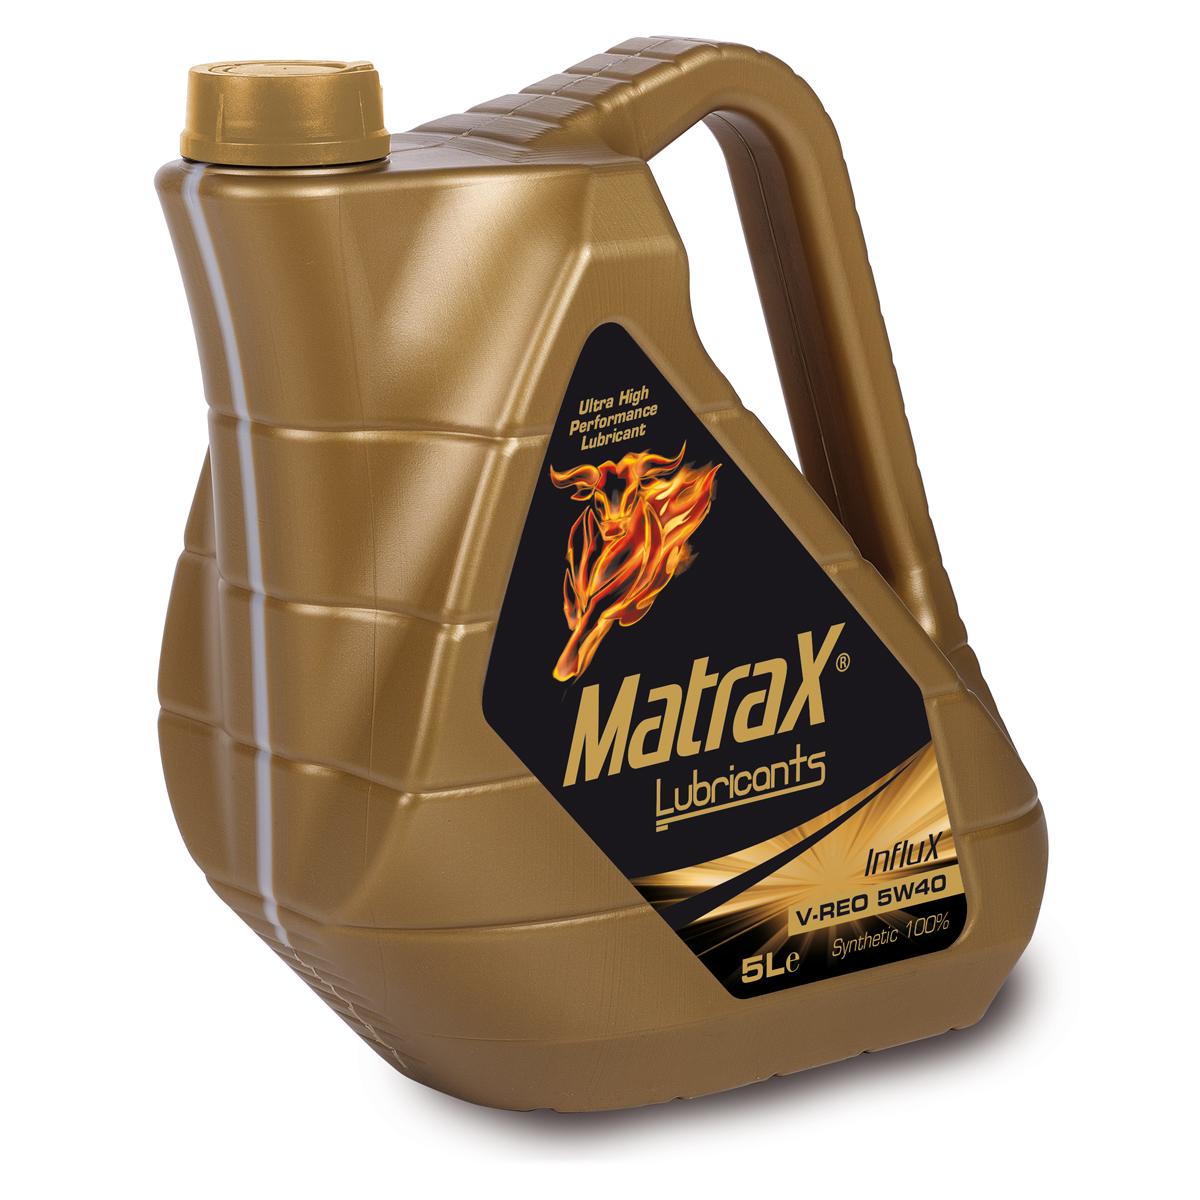 matrax-lubricants-influx-V-REO-5w40-5l